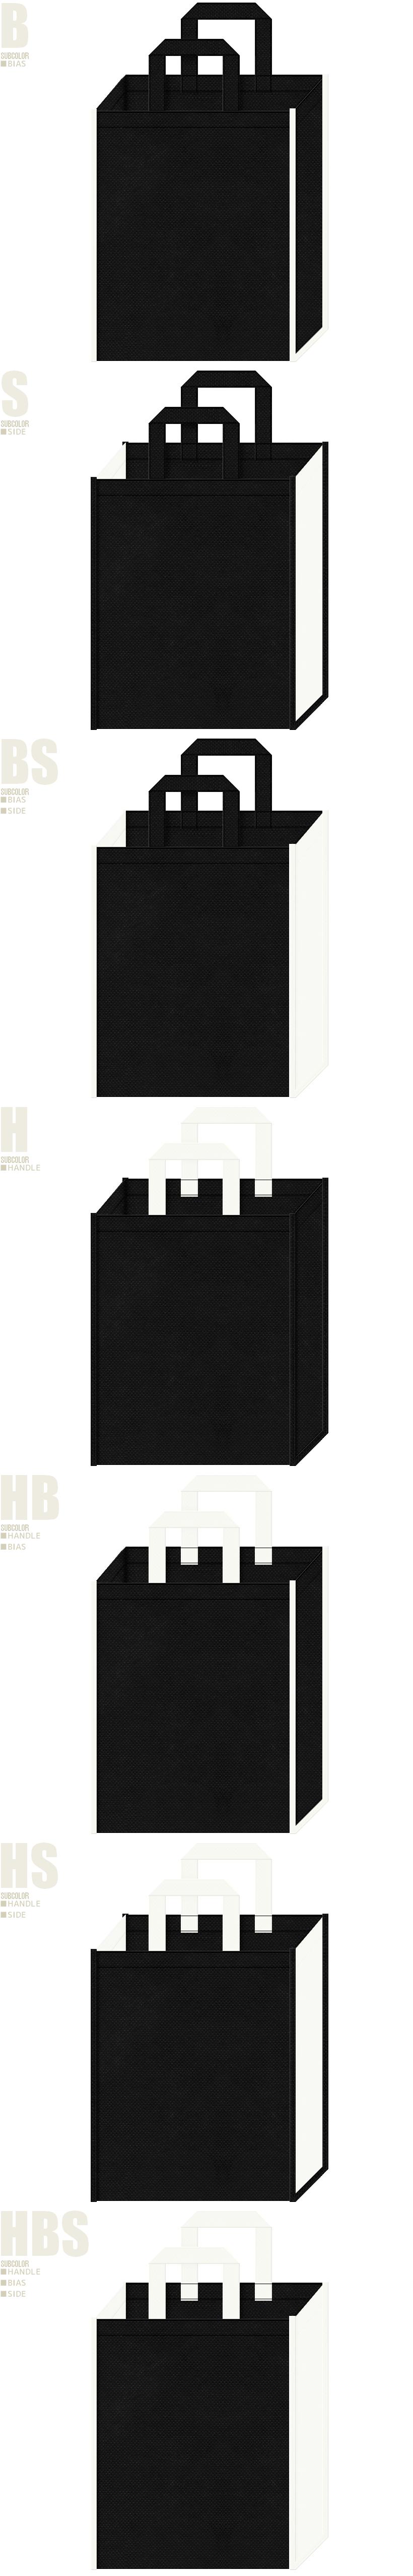 黒色とオフホワイト色、7パターンの不織布トートバッグ配色デザイン例。ゴスロリファッション向けにお奨めです。